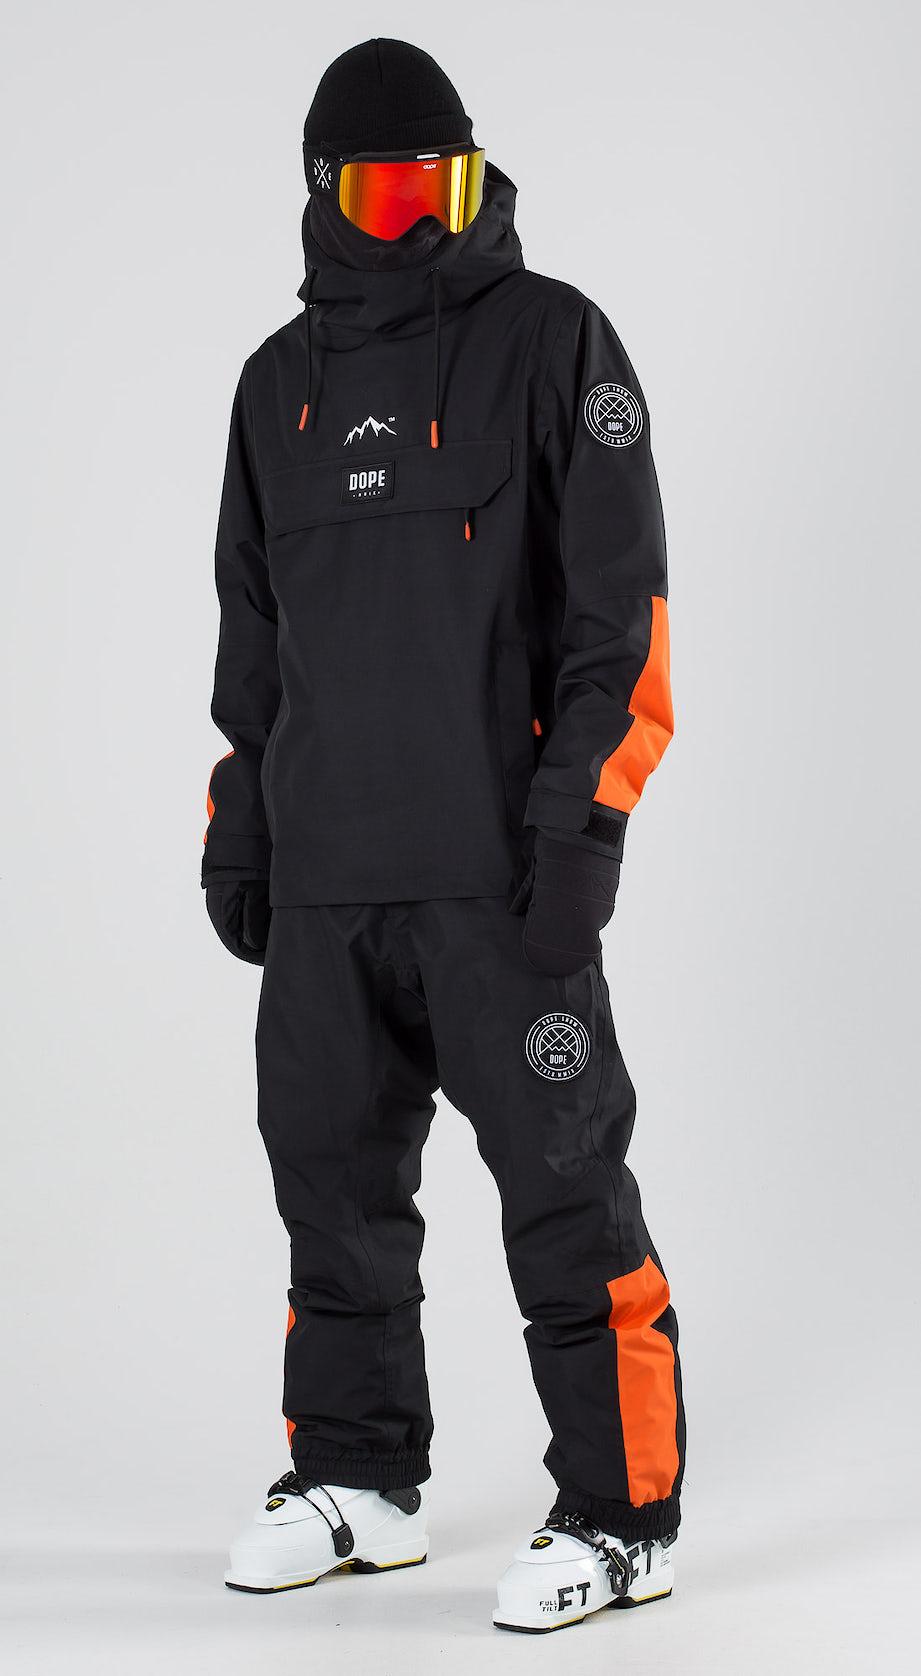 Dope Blizzard LE Black Orange Ski clothing Multi